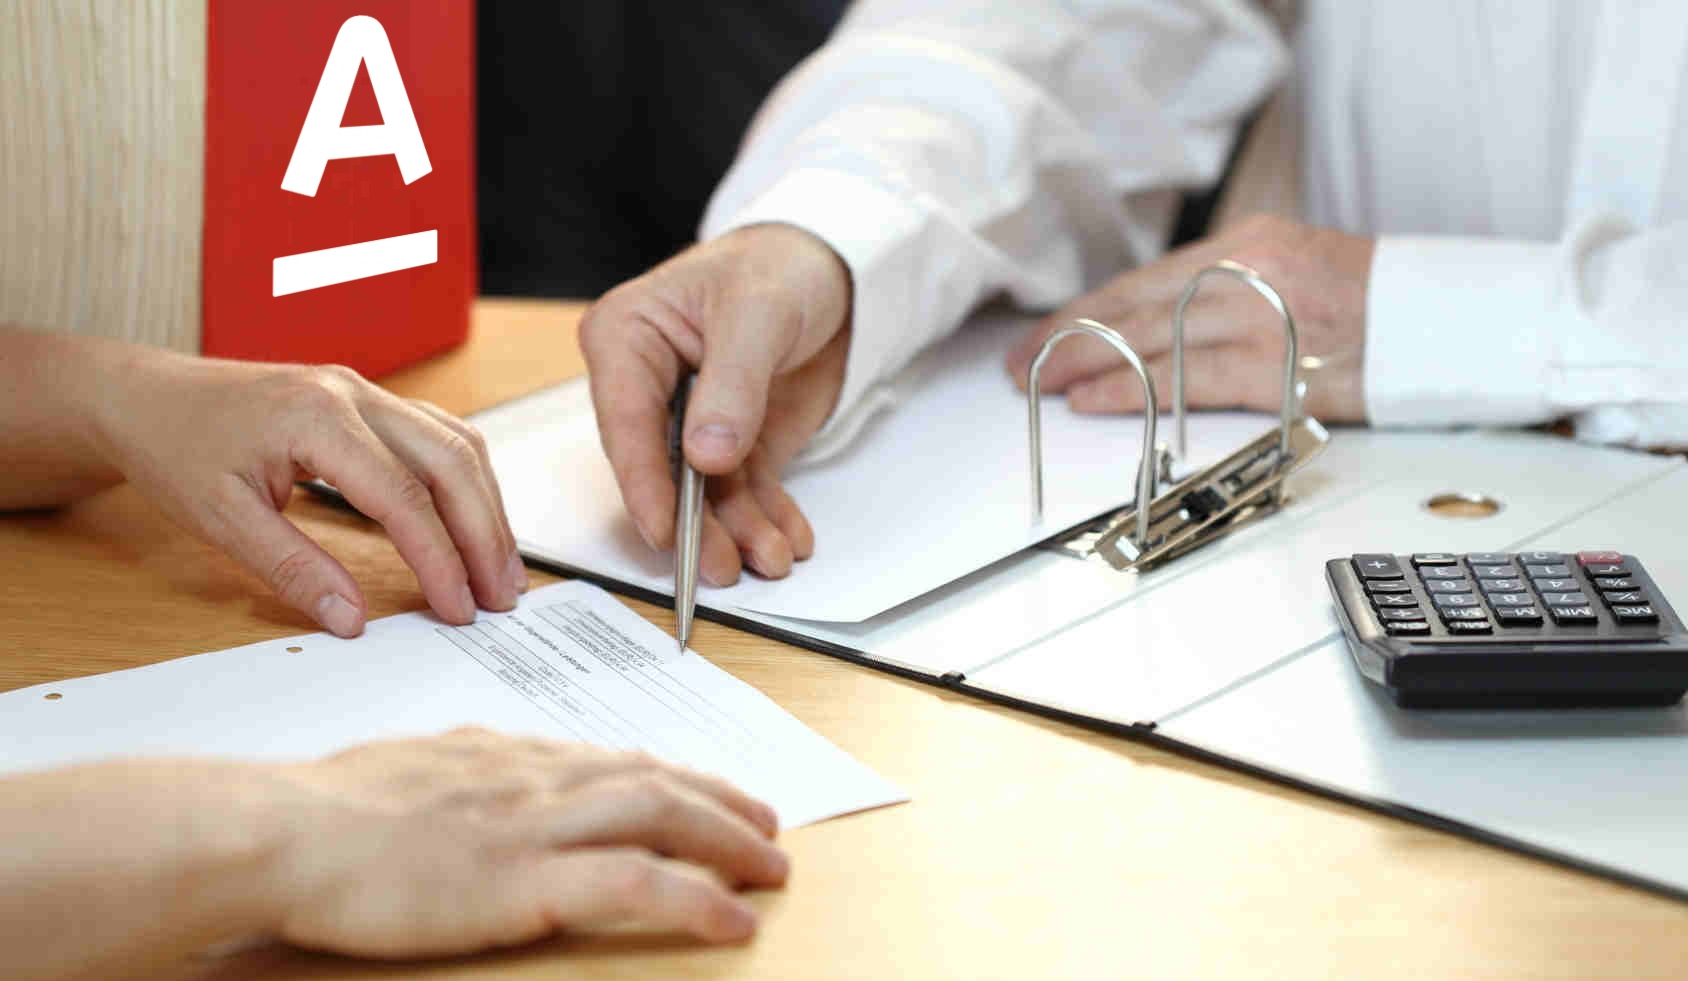 Физические лица для приобретения товаров или получения различных услуг могут взять кредит в Альфа-Банке